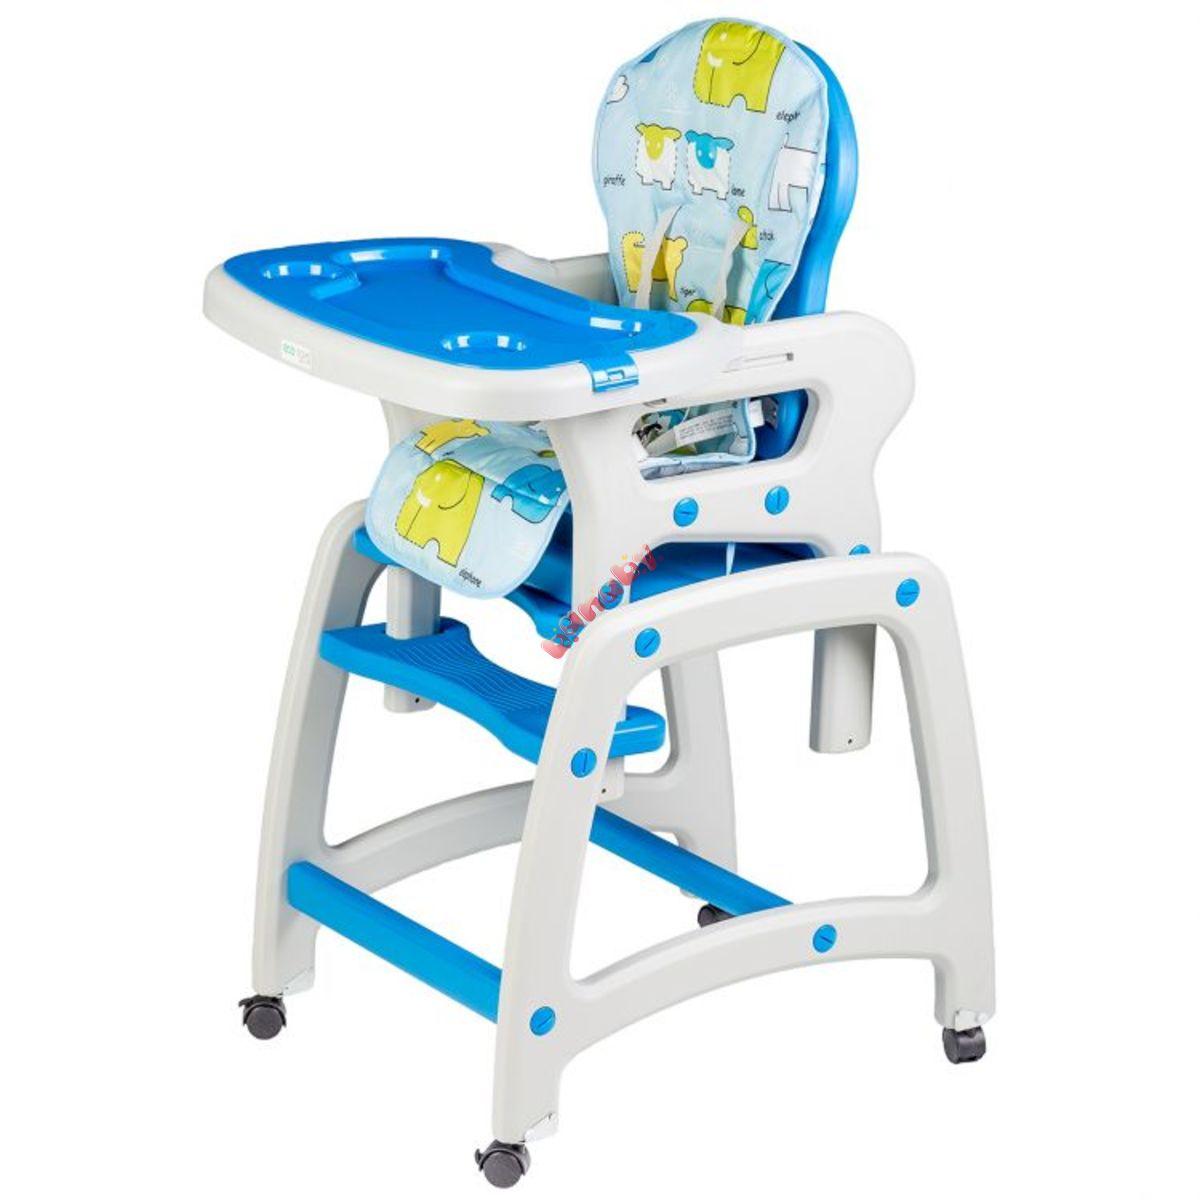 28fa8da190af Detská jedálenská stolička 2v1 - modrá - banaby.sk